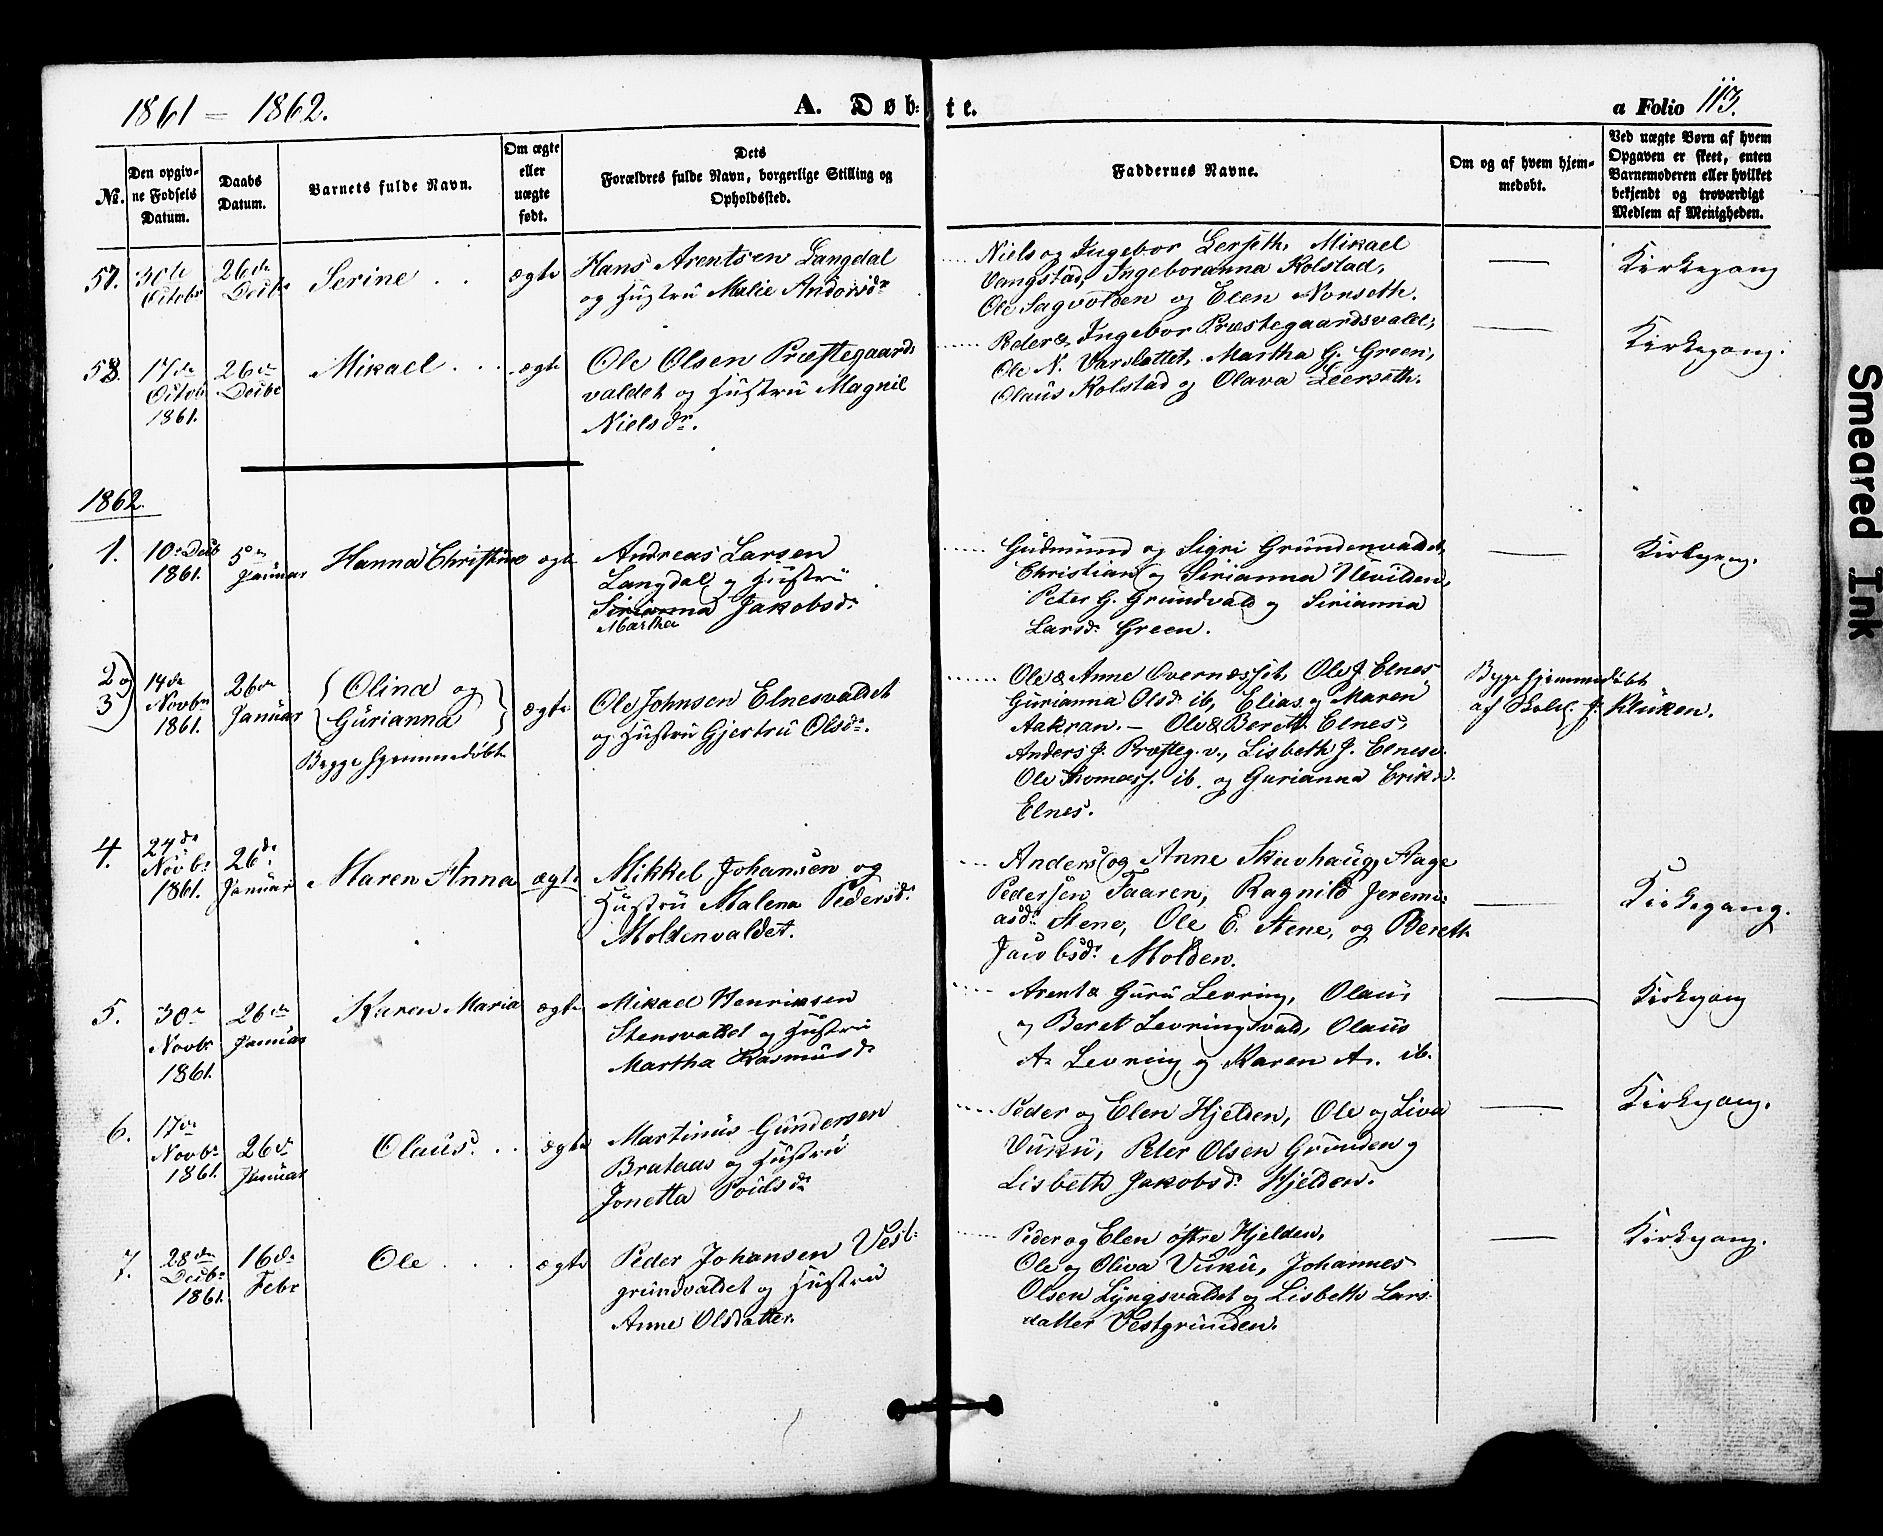 SAT, Ministerialprotokoller, klokkerbøker og fødselsregistre - Nord-Trøndelag, 724/L0268: Klokkerbok nr. 724C04, 1846-1878, s. 113